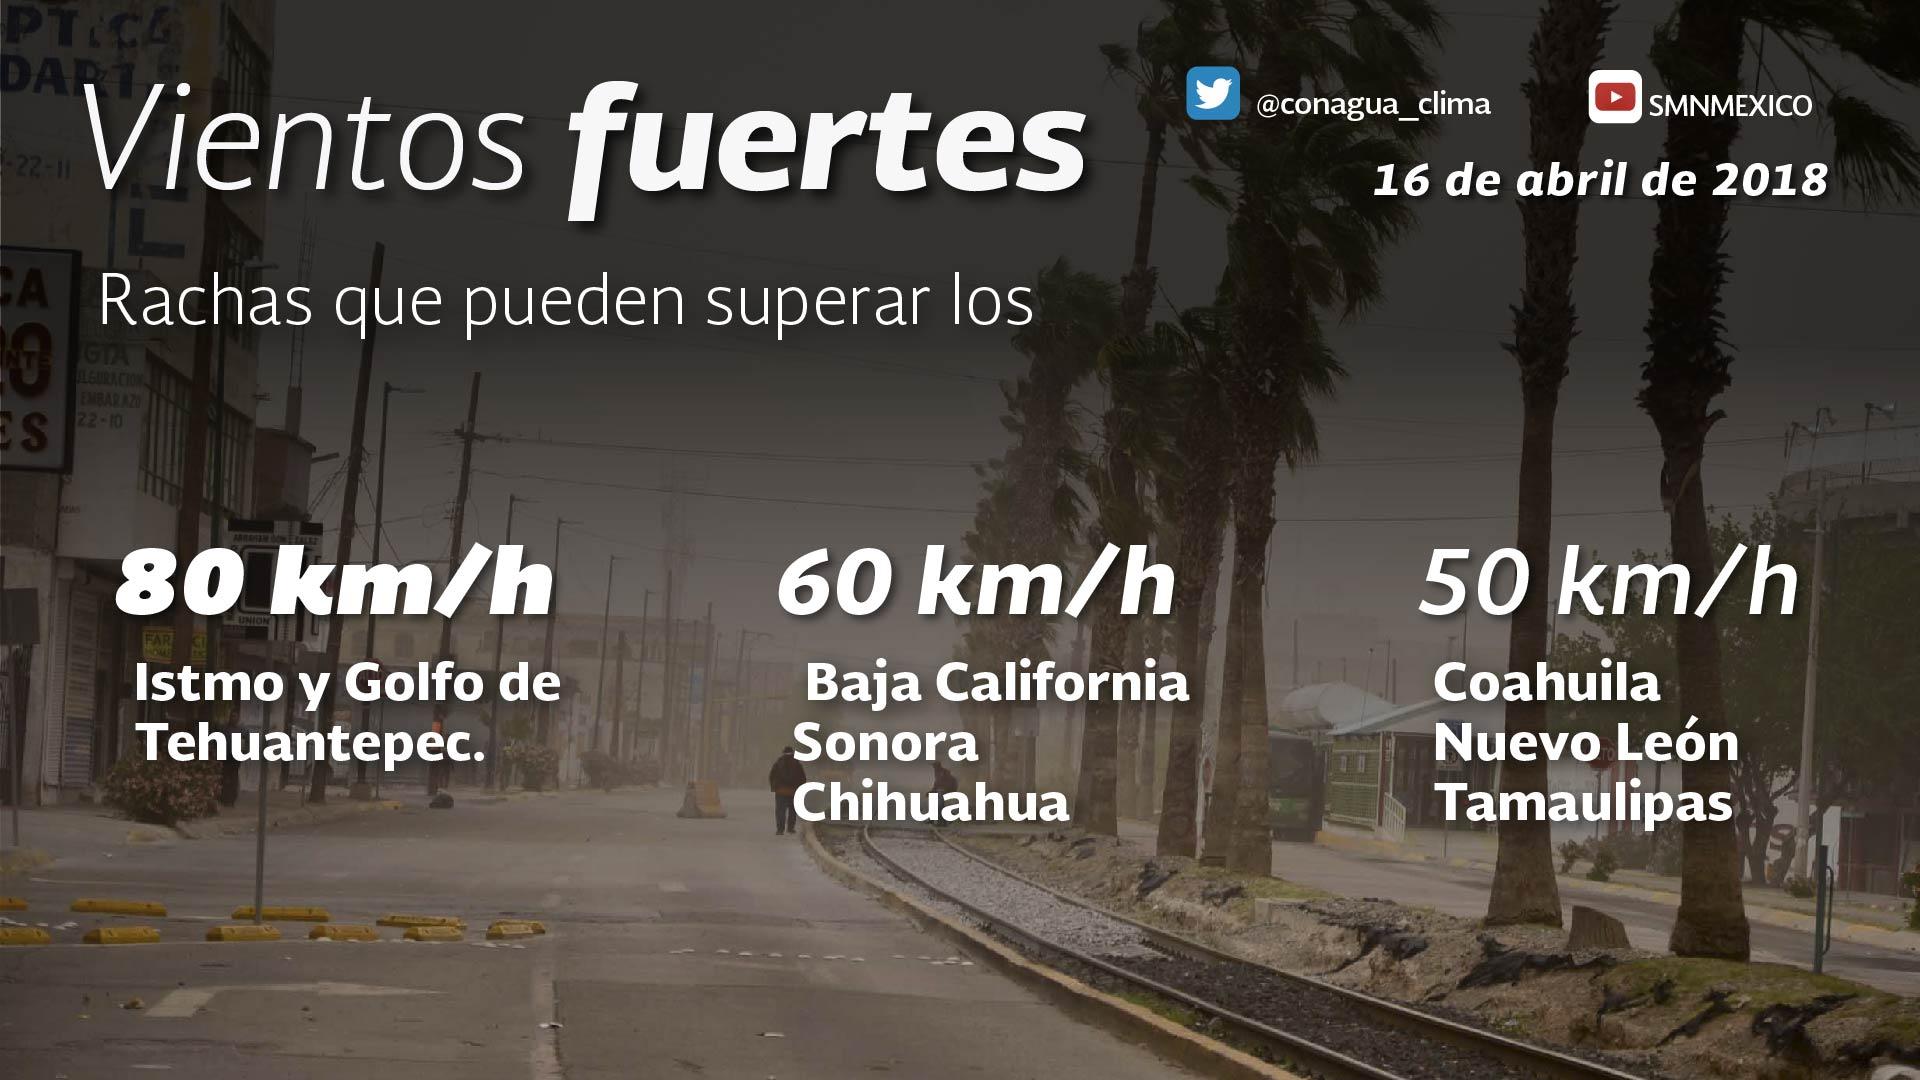 Se prevén lluvias aisladas, acompañadas de descargas eléctricas para Tlaxcala